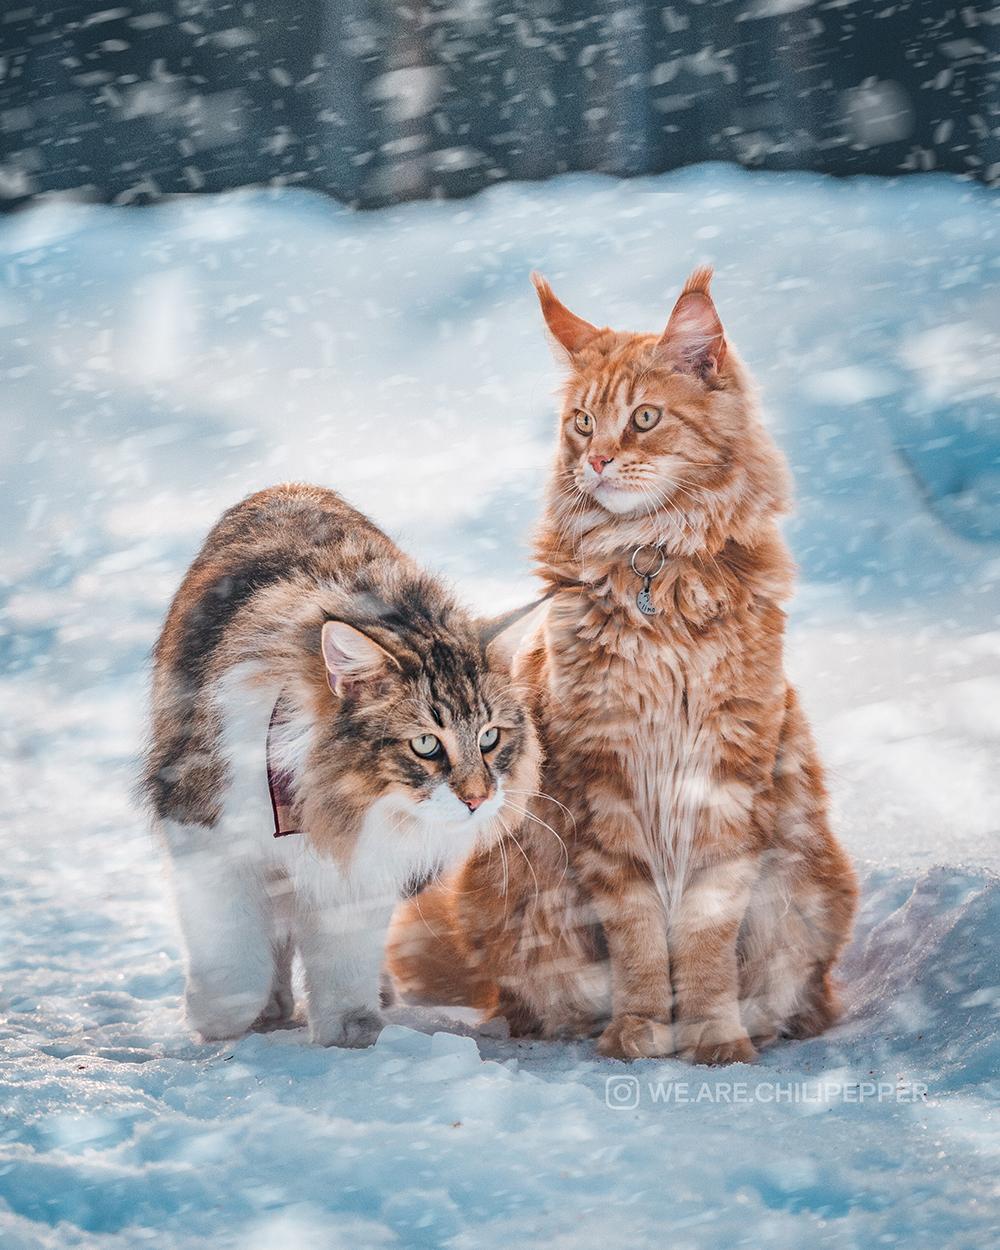 pretty cat in snow